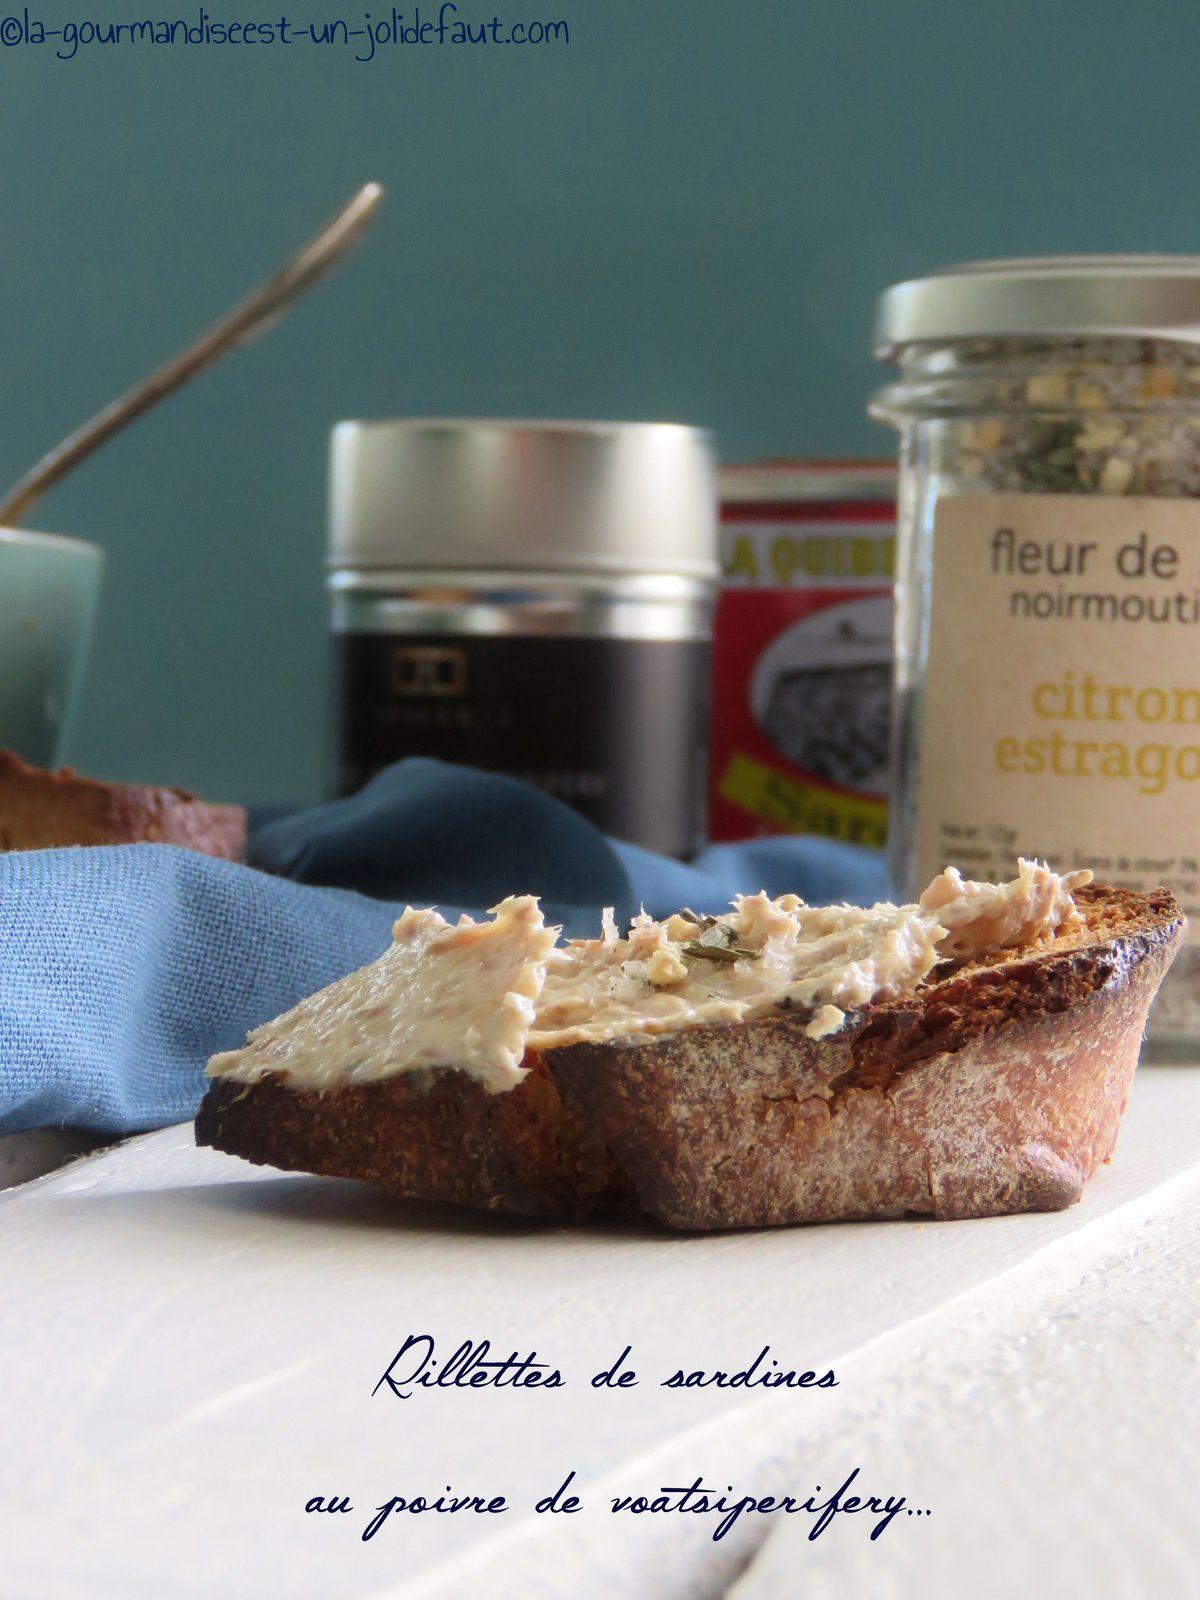 Rillettes de sardines au poivre de Voatsiperifery